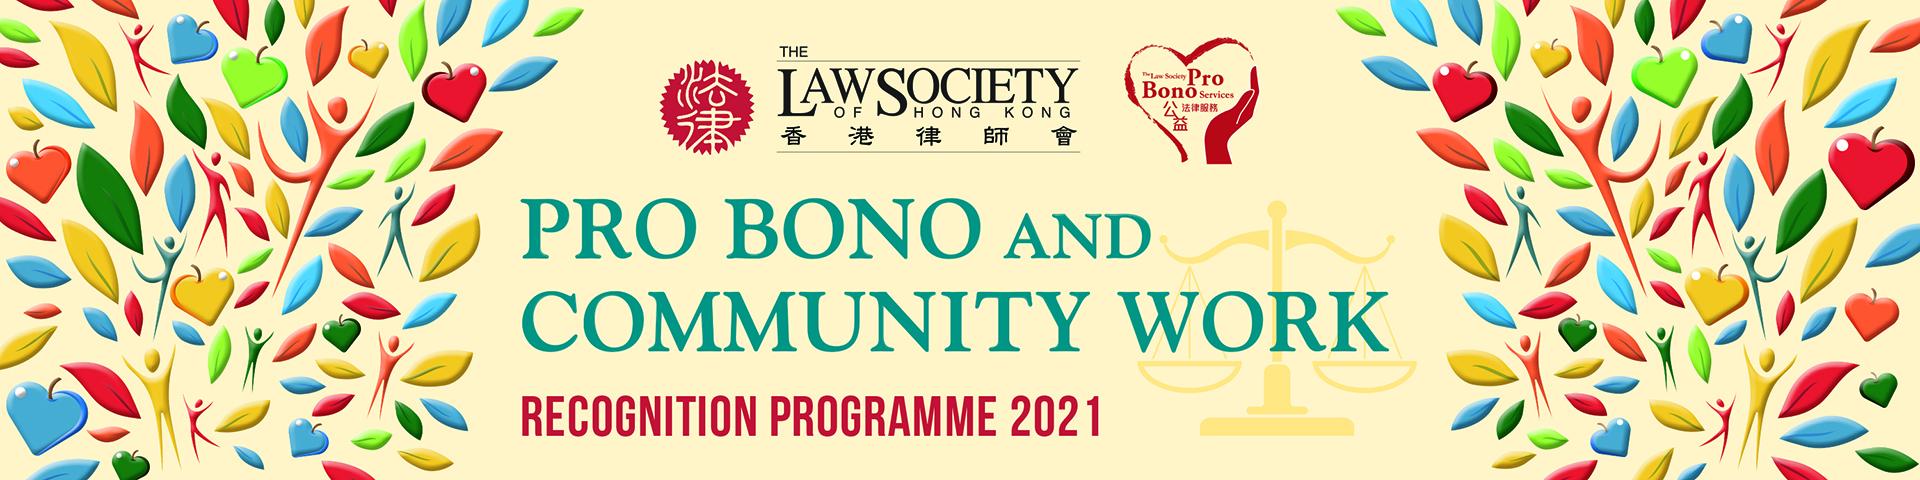 Pro Bono Award 1920 x 480